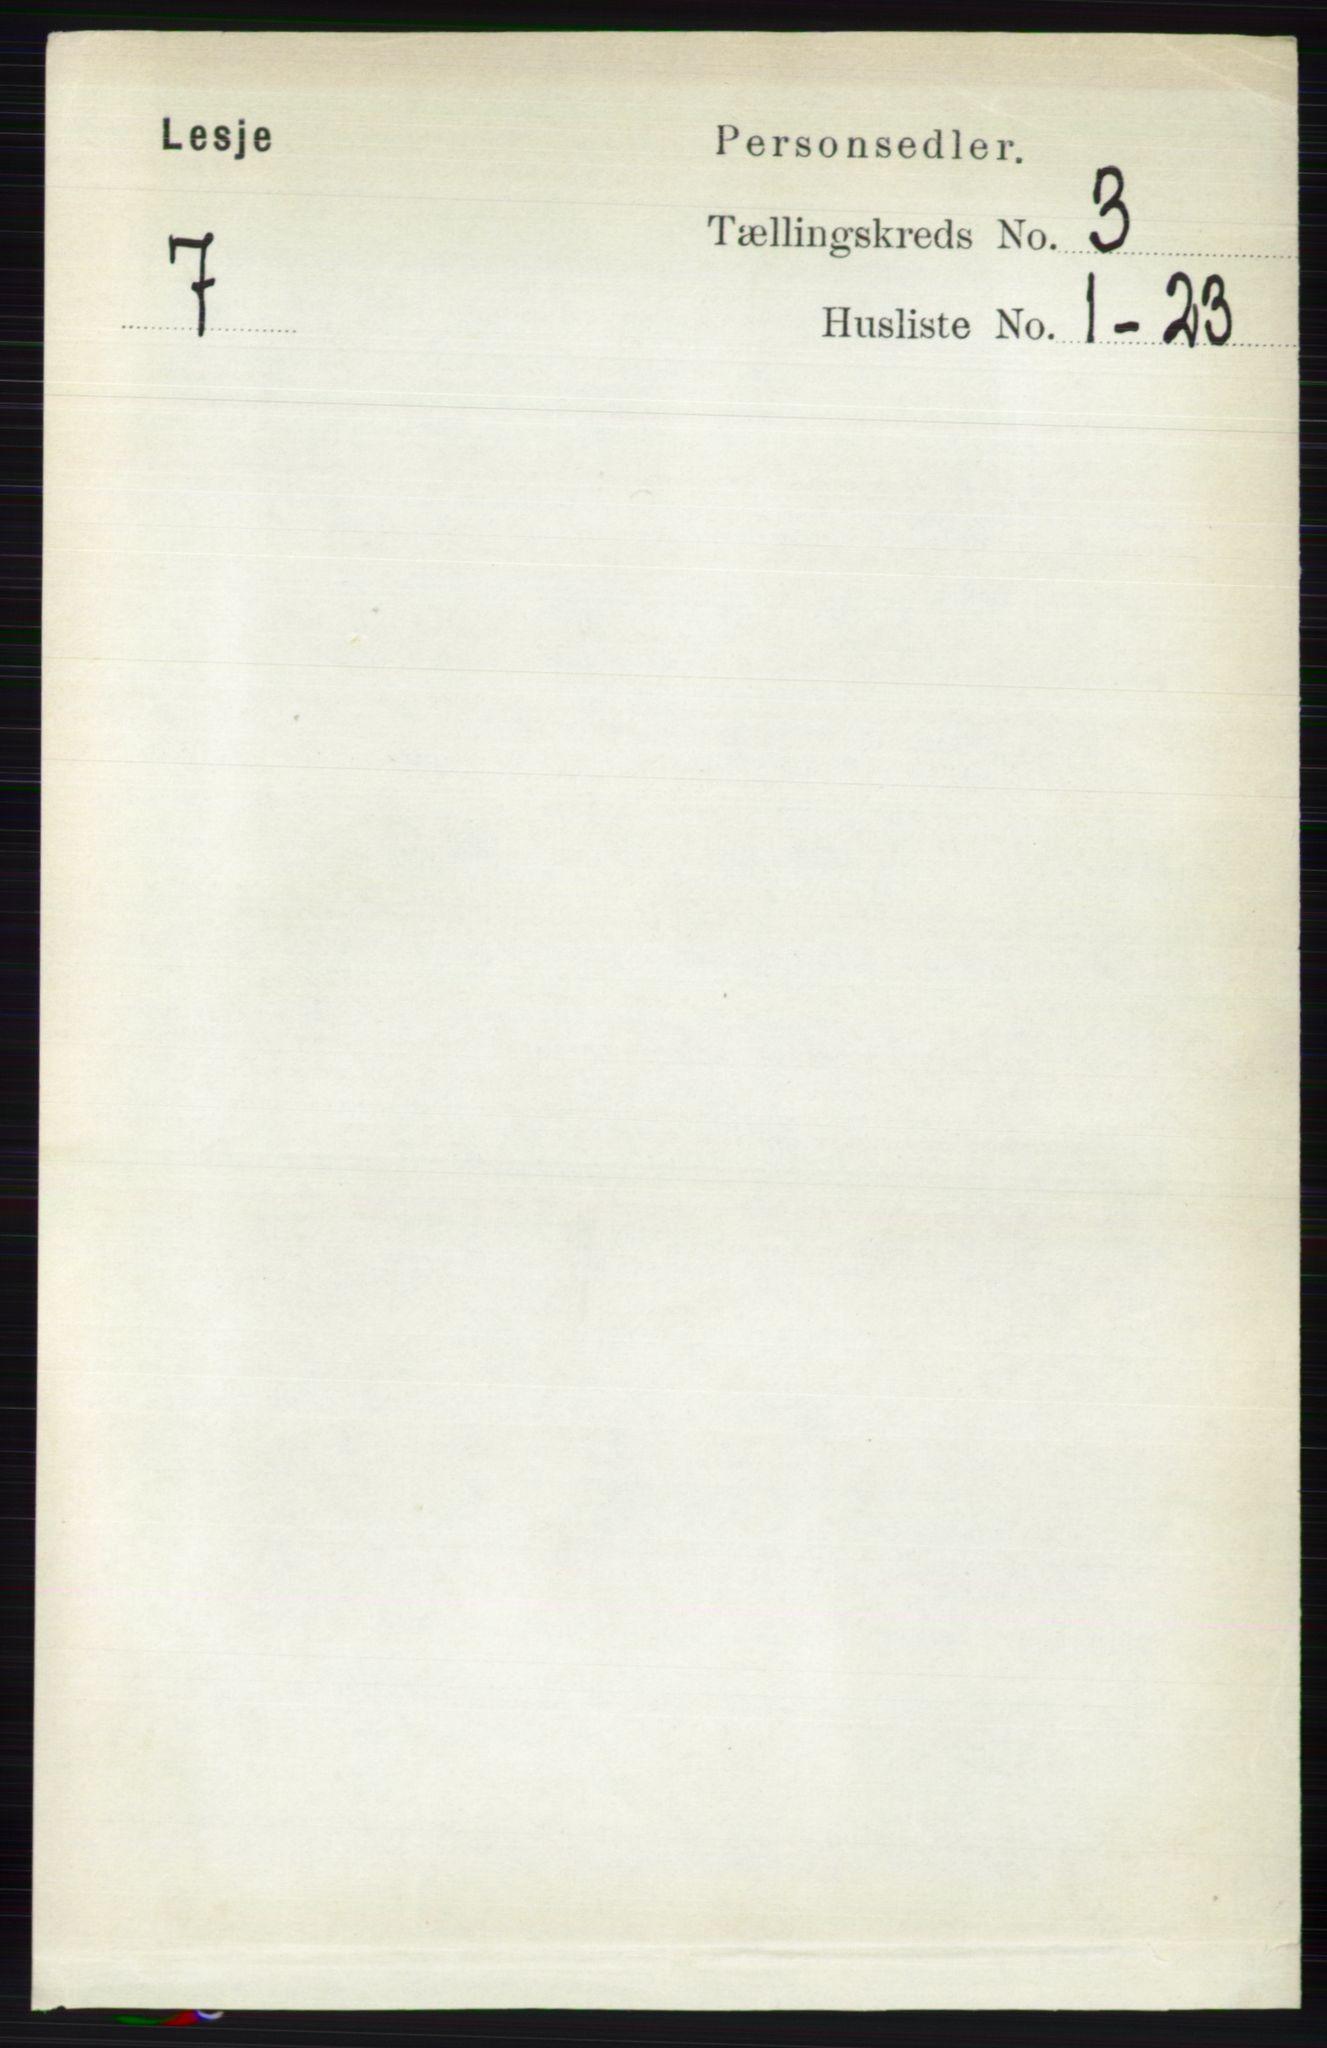 RA, Folketelling 1891 for 0512 Lesja herred, 1891, s. 631